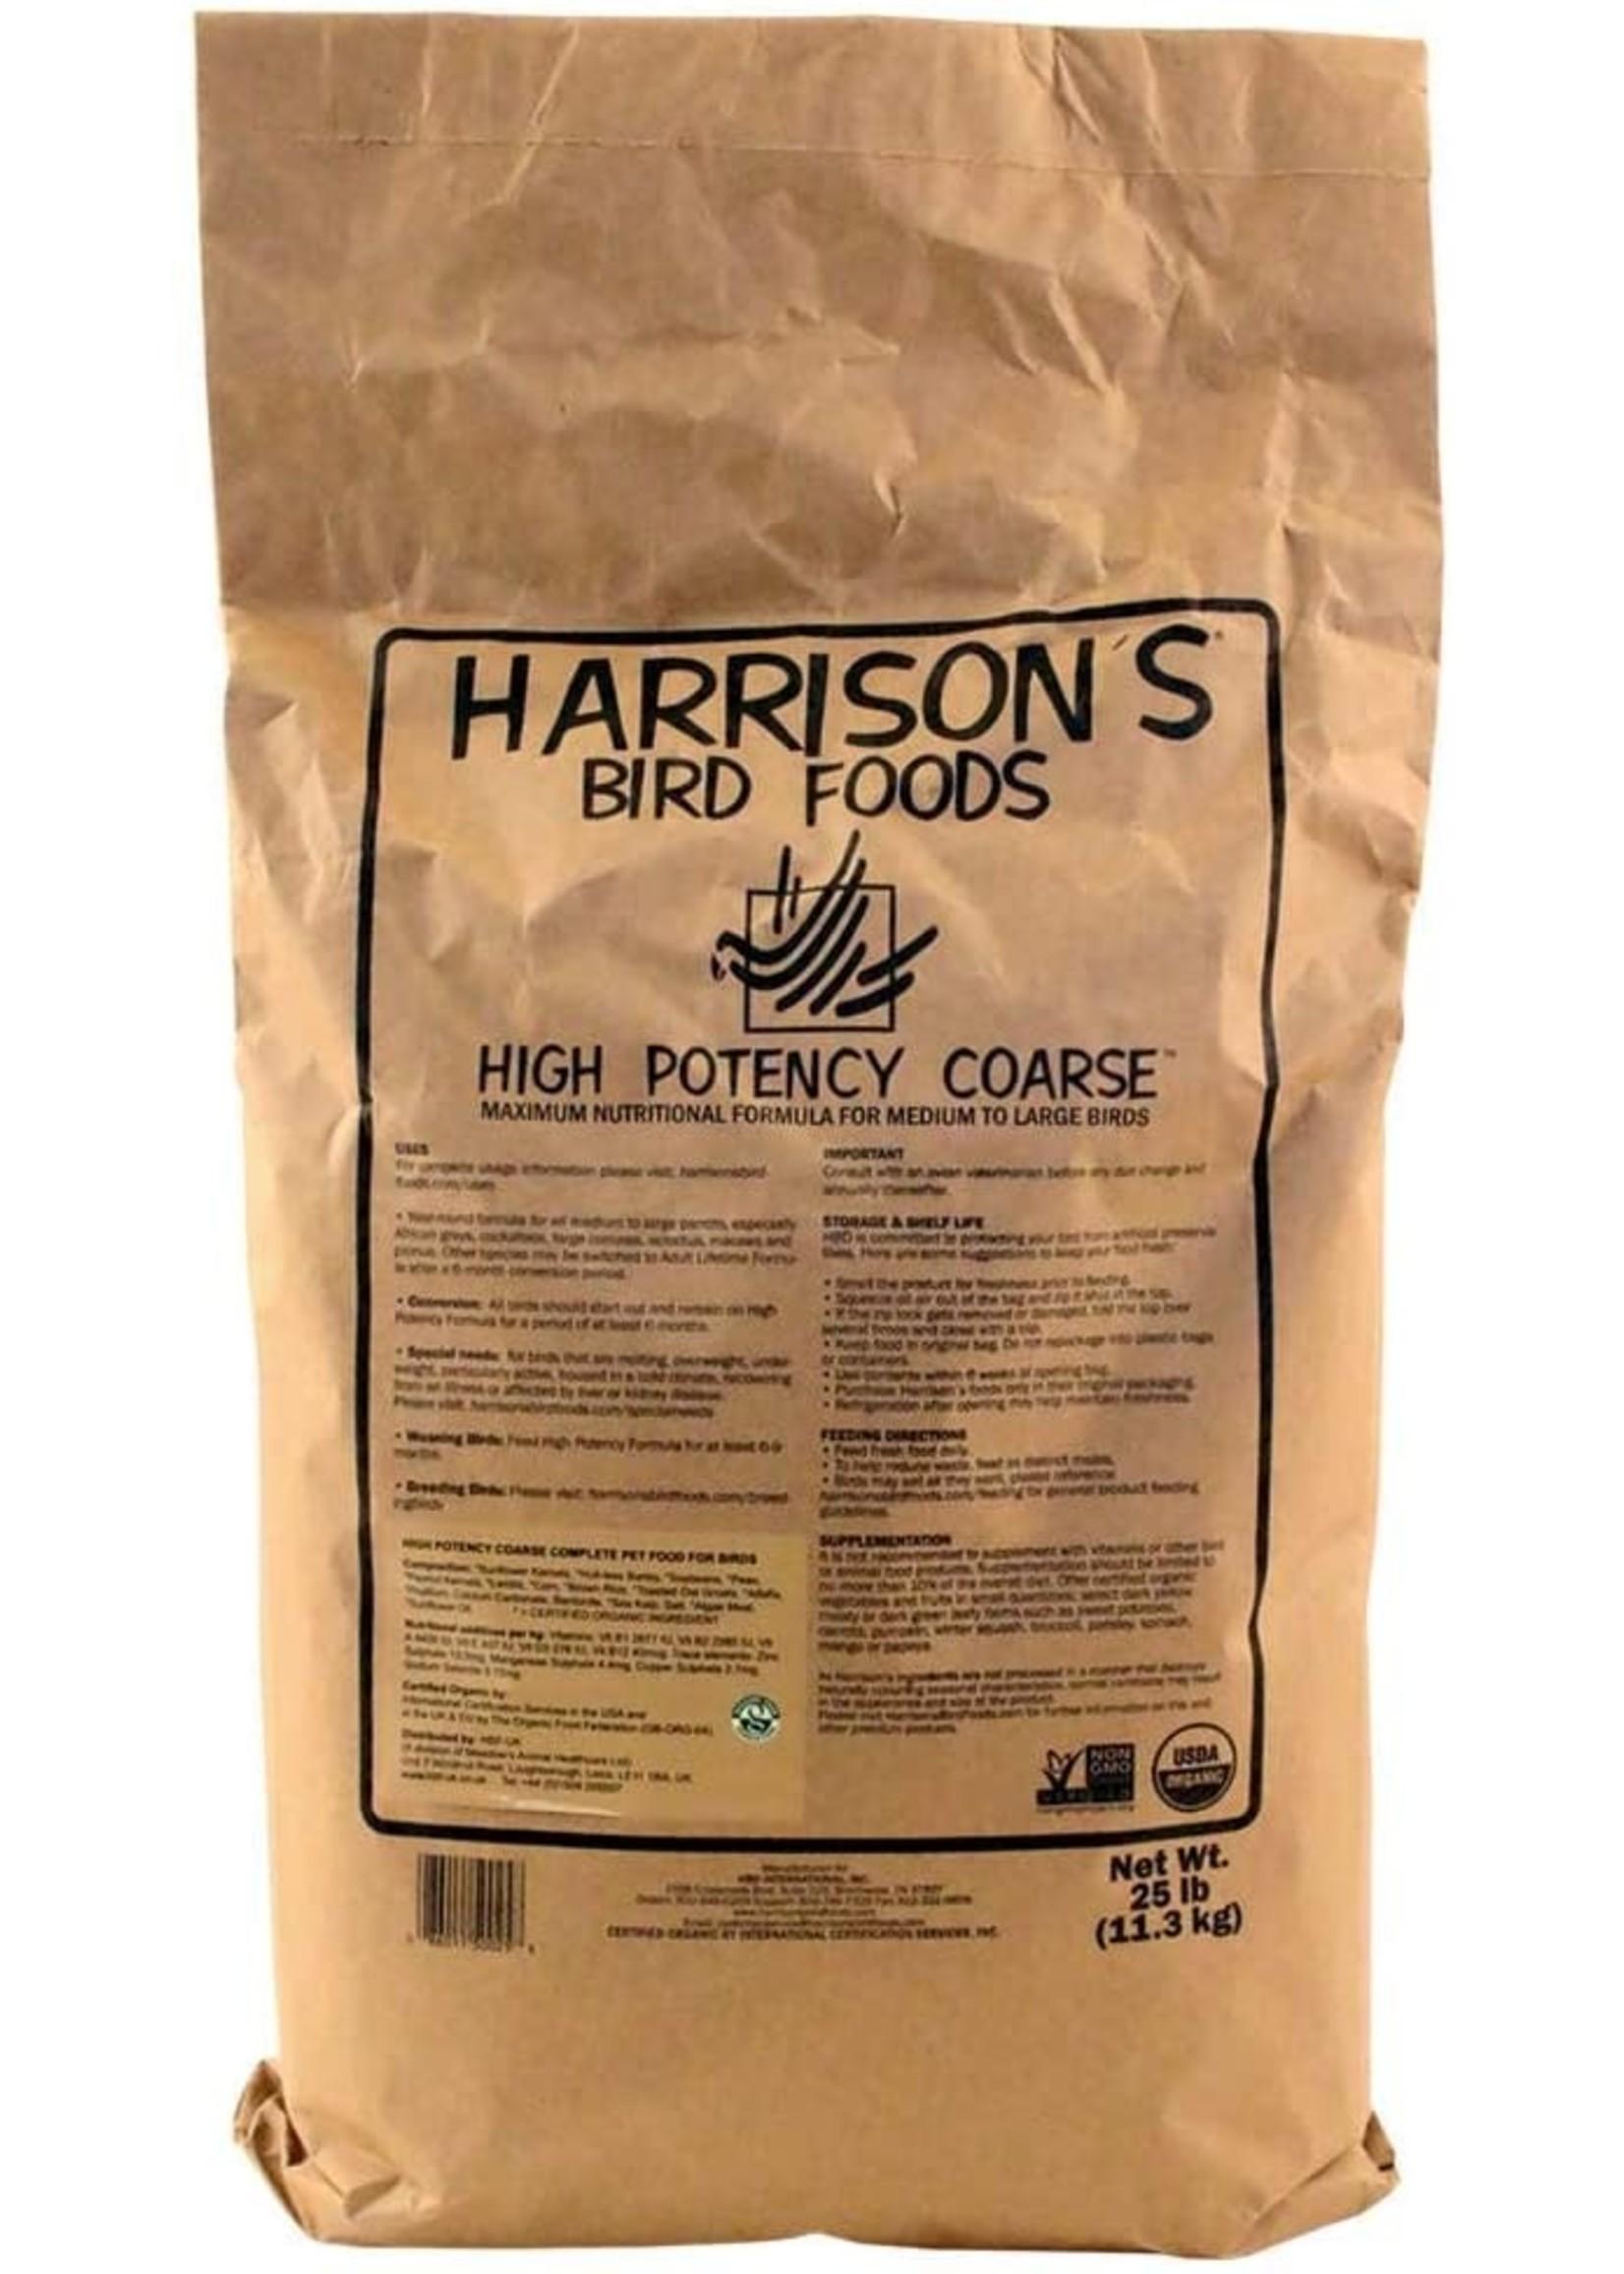 Harrison's Harrison's High Potency Coarse 25lb